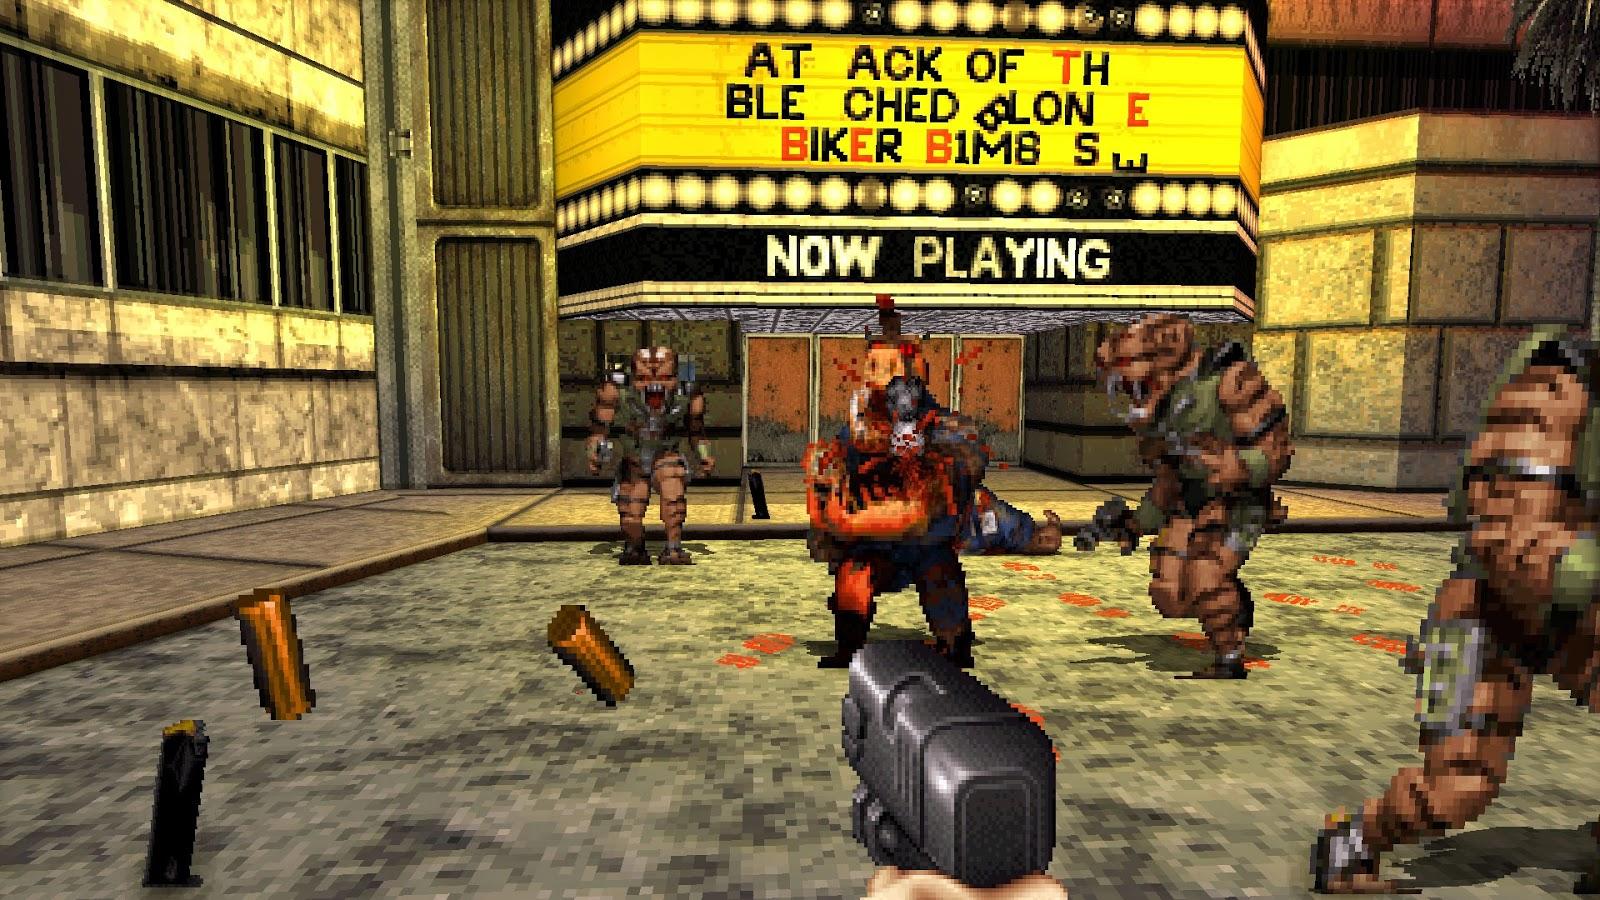 История дизайна уровней Duke Nukem (с эскизами Левелорда) - 9